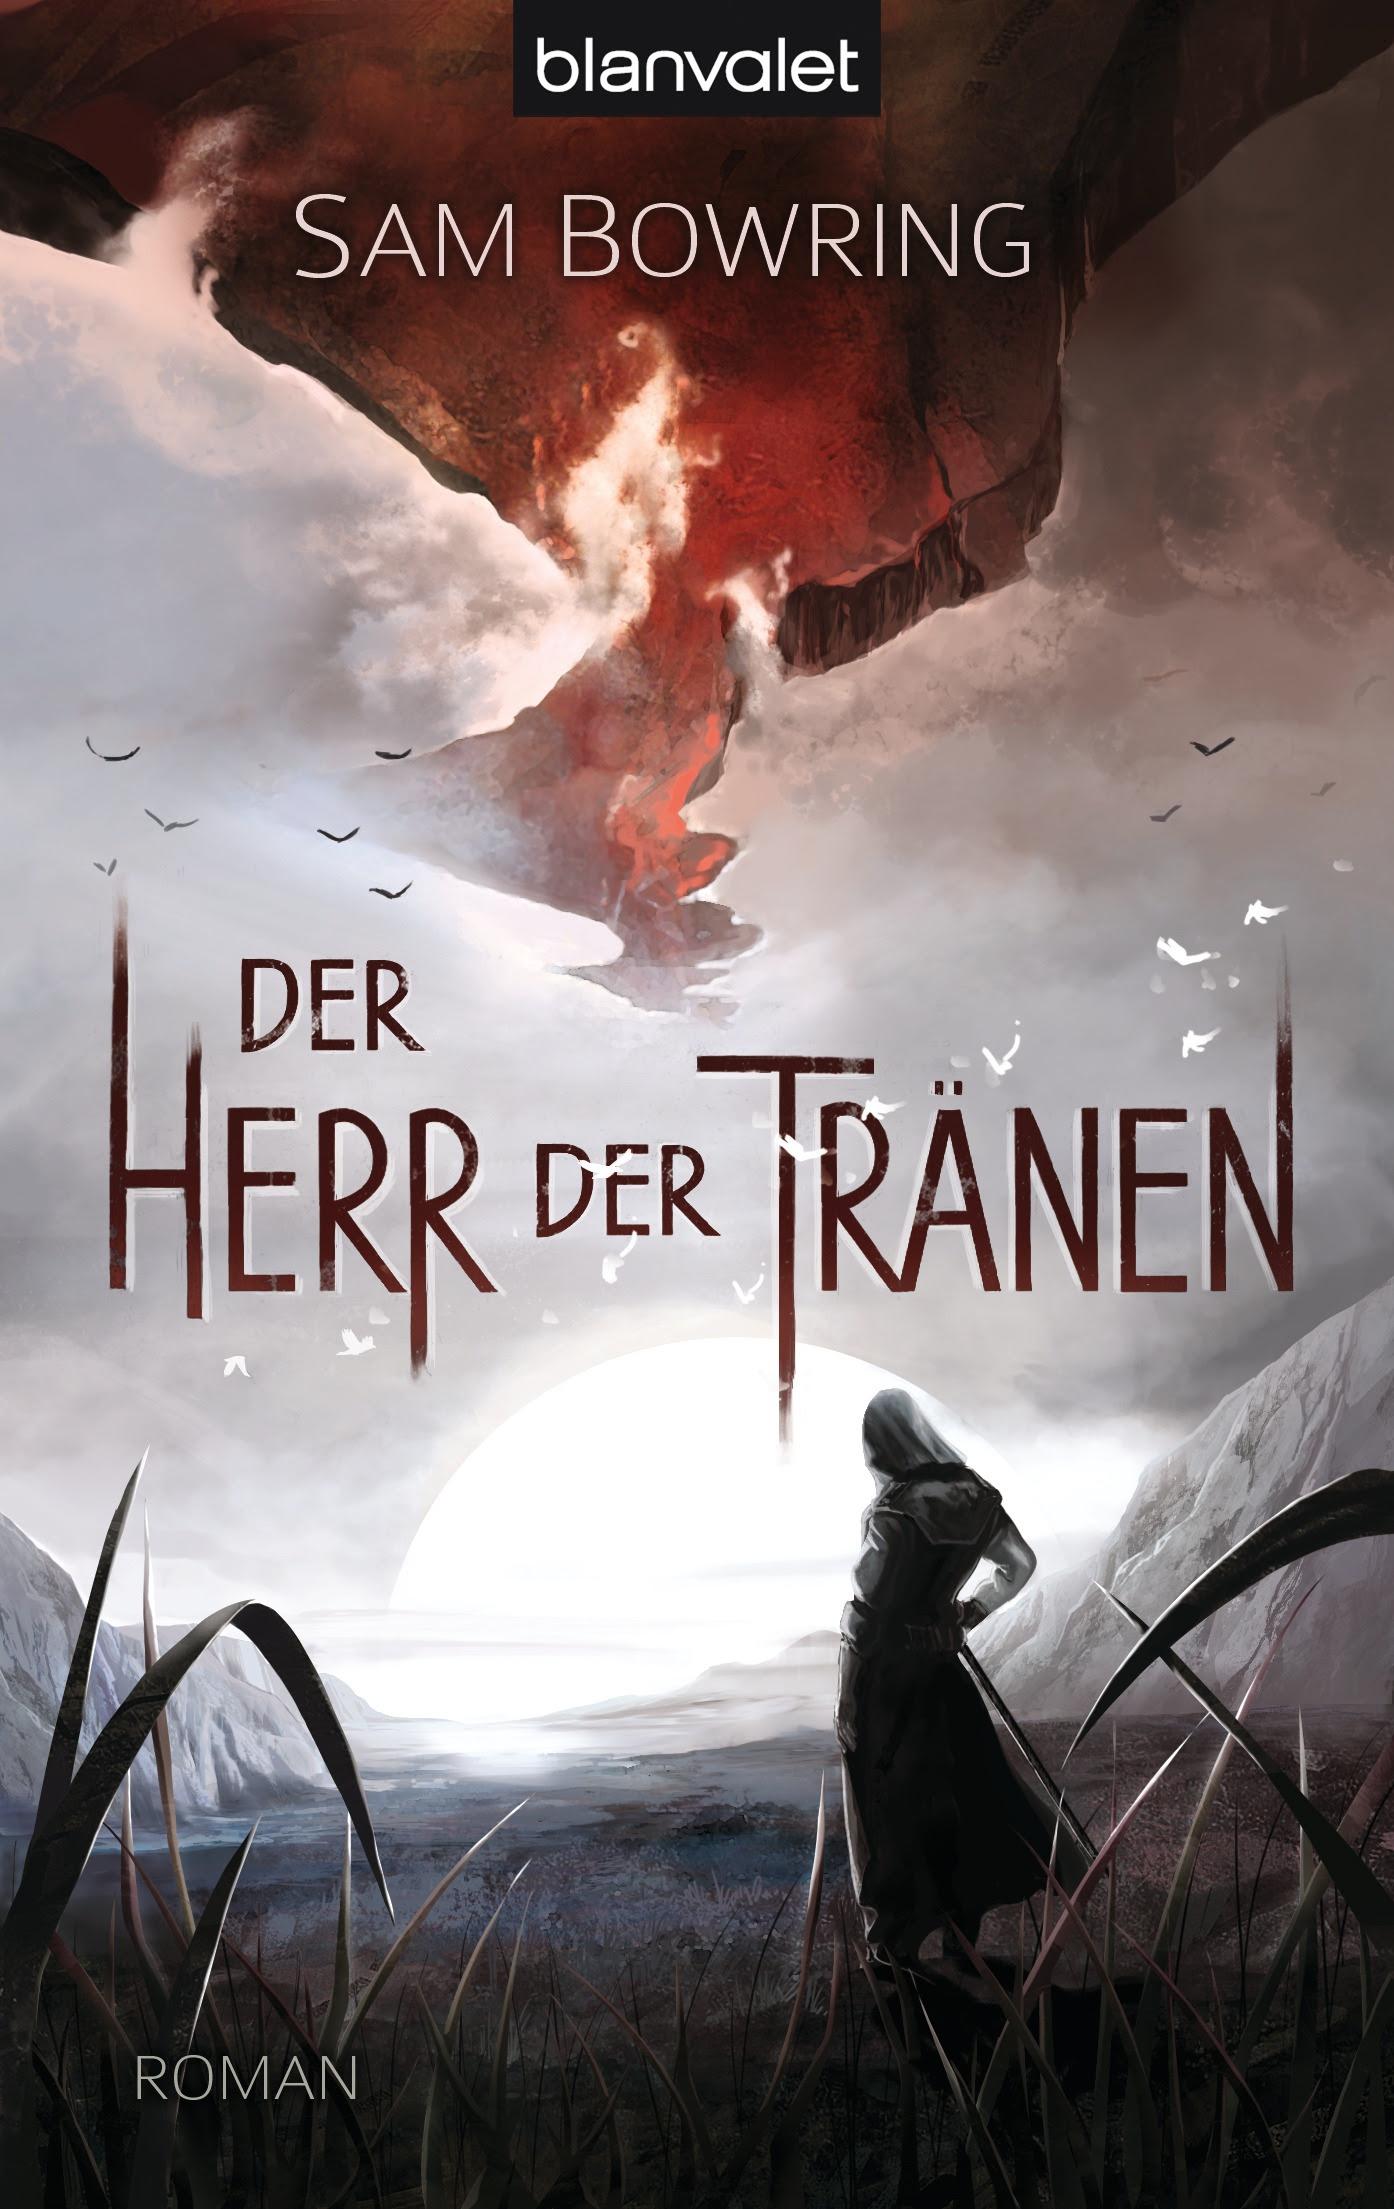 http://fantasyblogger.files.wordpress.com/2013/12/bowring_sder_herr_der_traenen.jpg